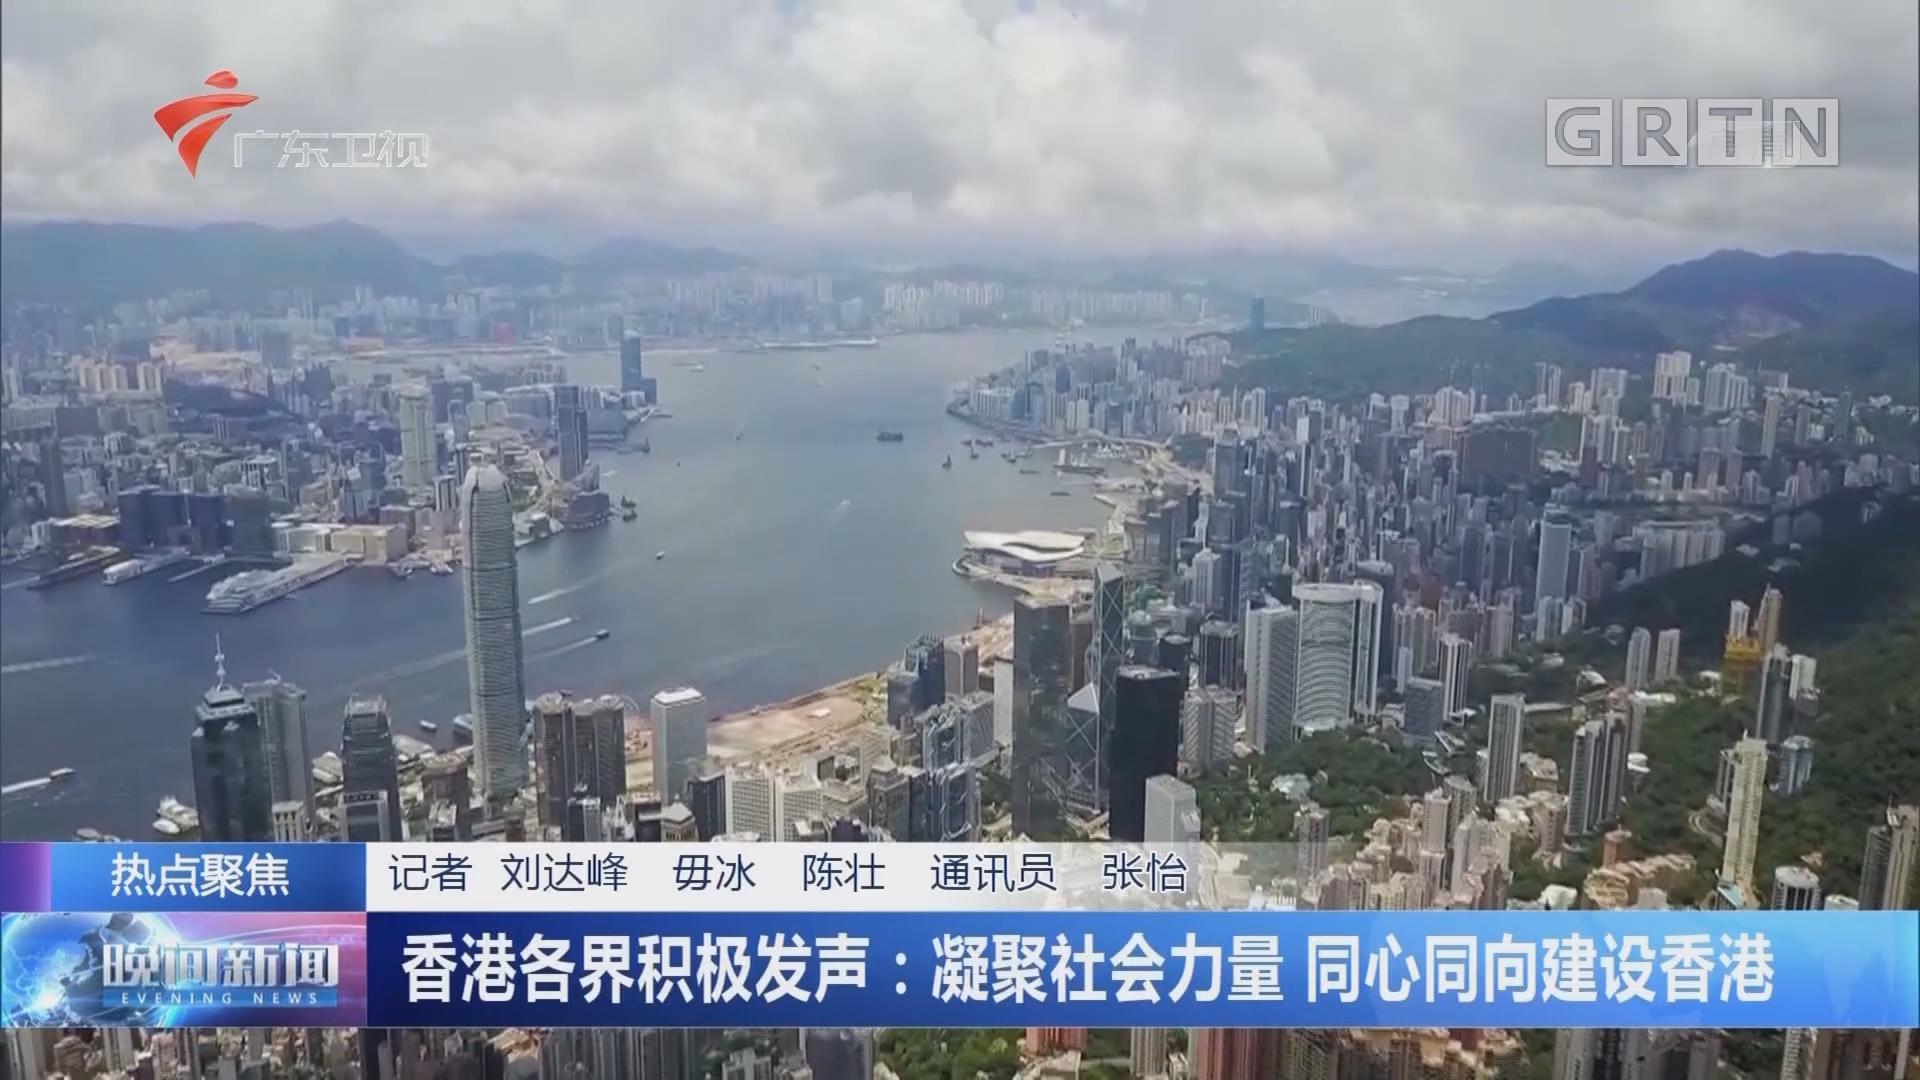 香港各界積極發聲:凝聚社會力量 同心同向建設香港